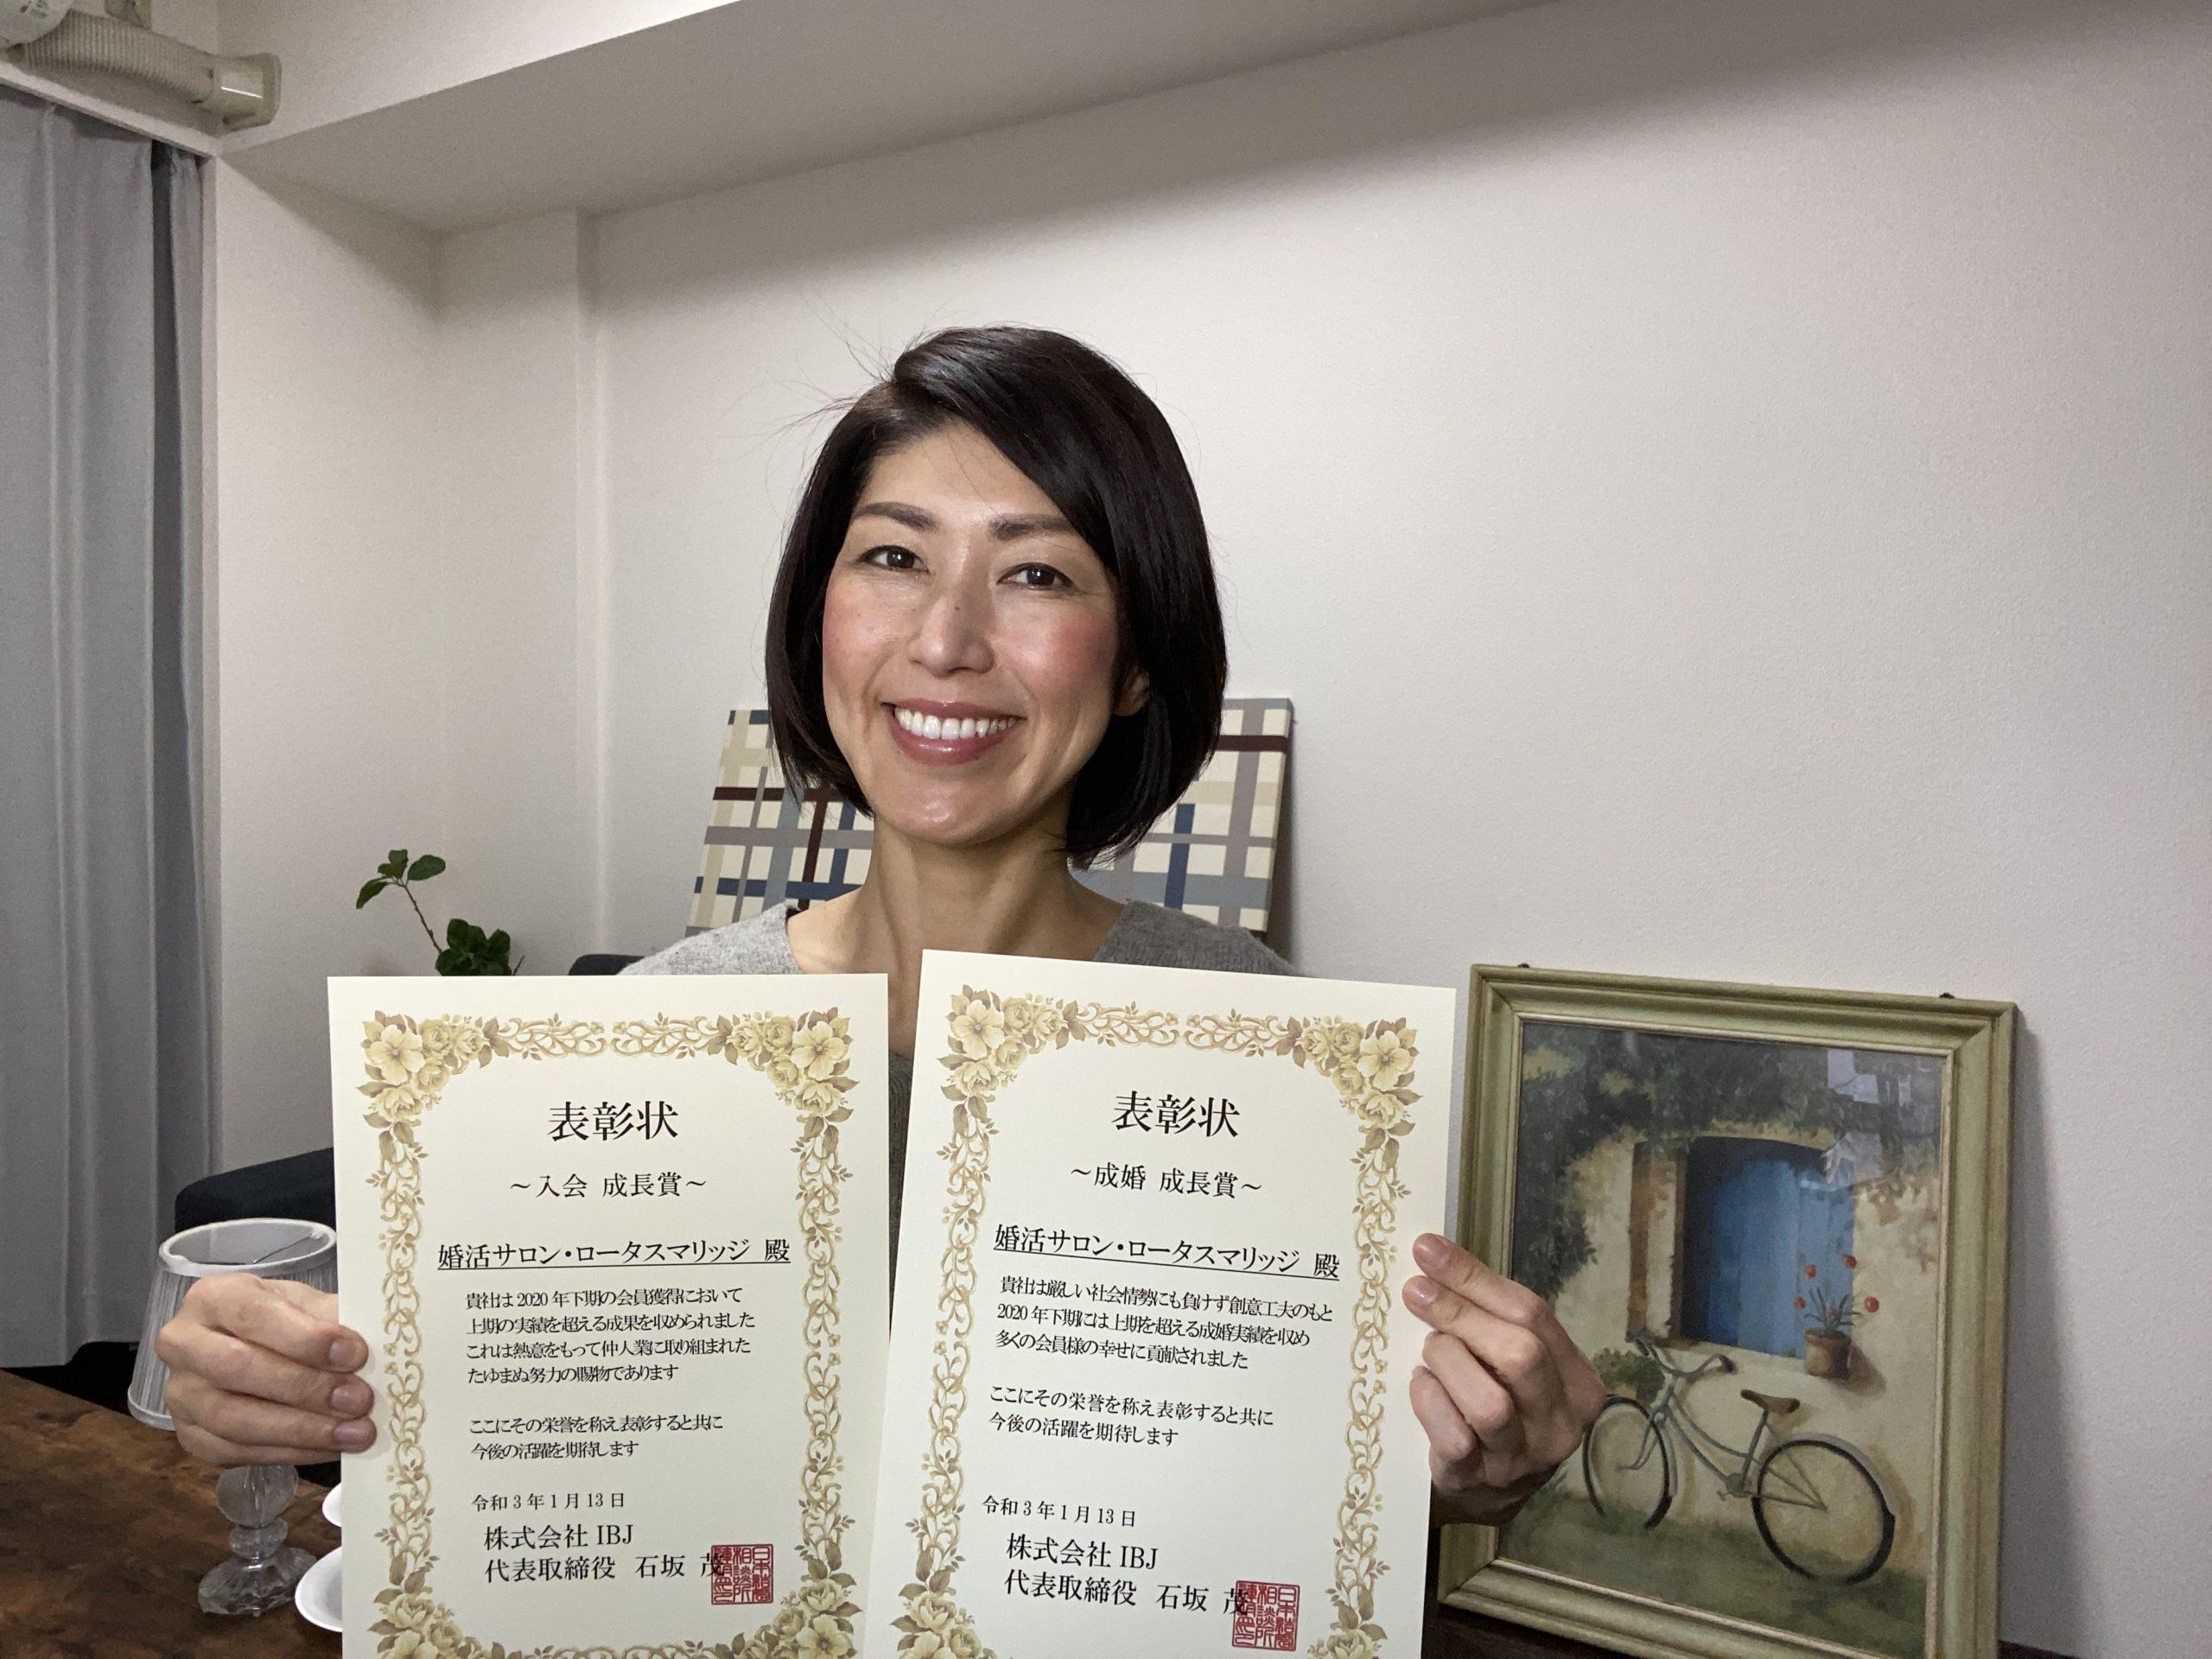 目指せ!!日本一幸せな夫婦・家族がたくさんいる結婚相談所!!